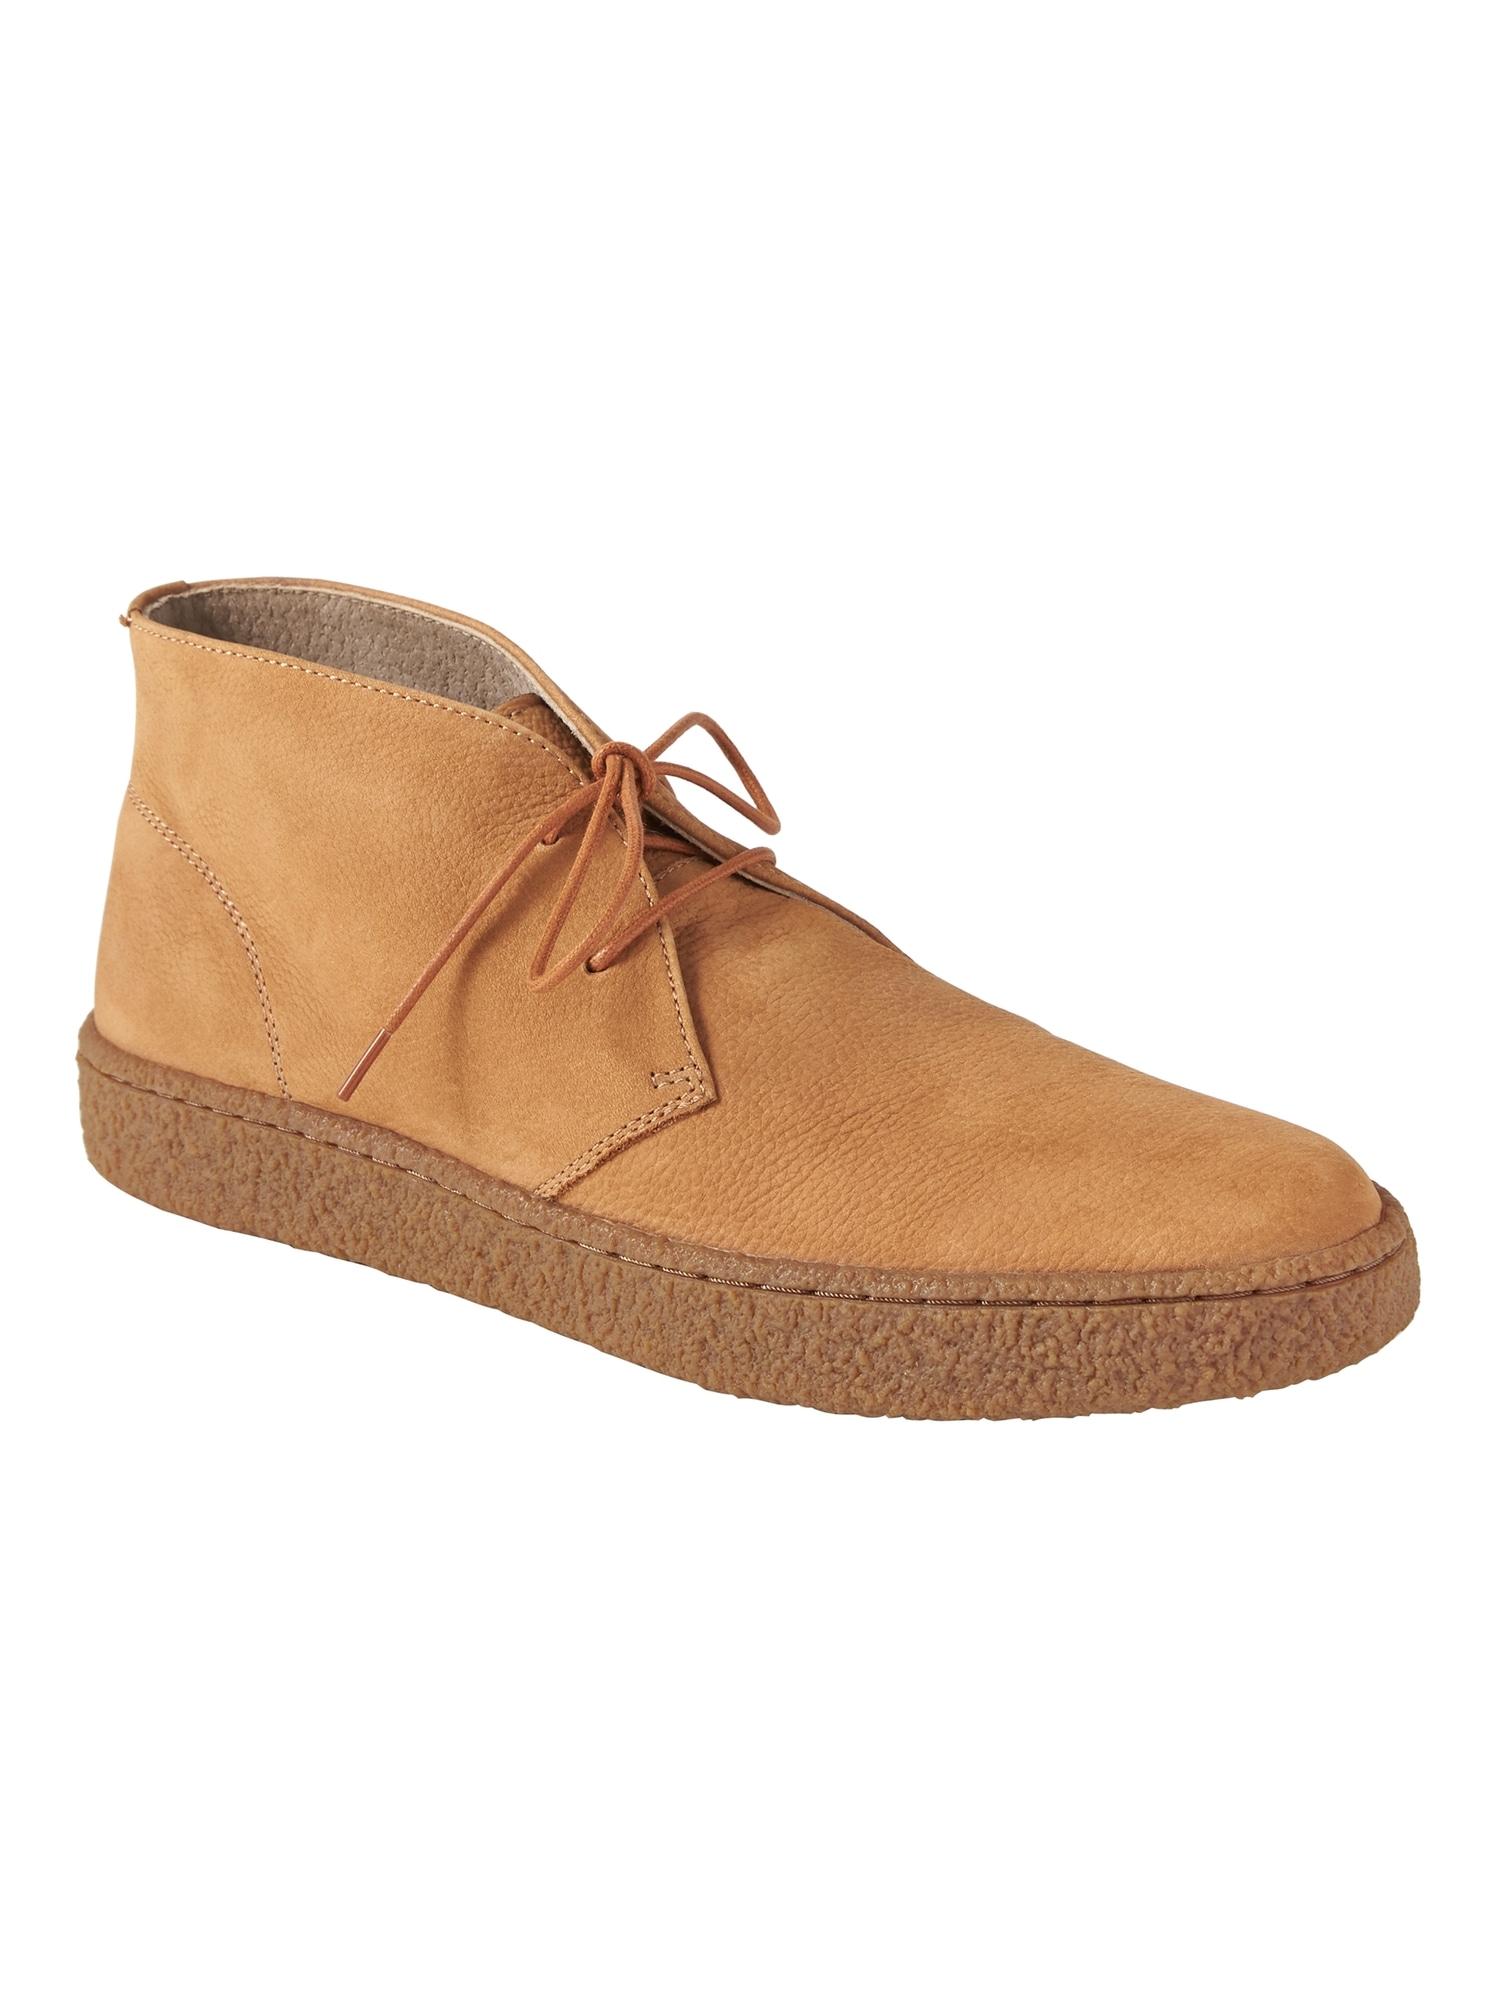 Donnel Crepe Sole Chukka Boot The Fashionisto